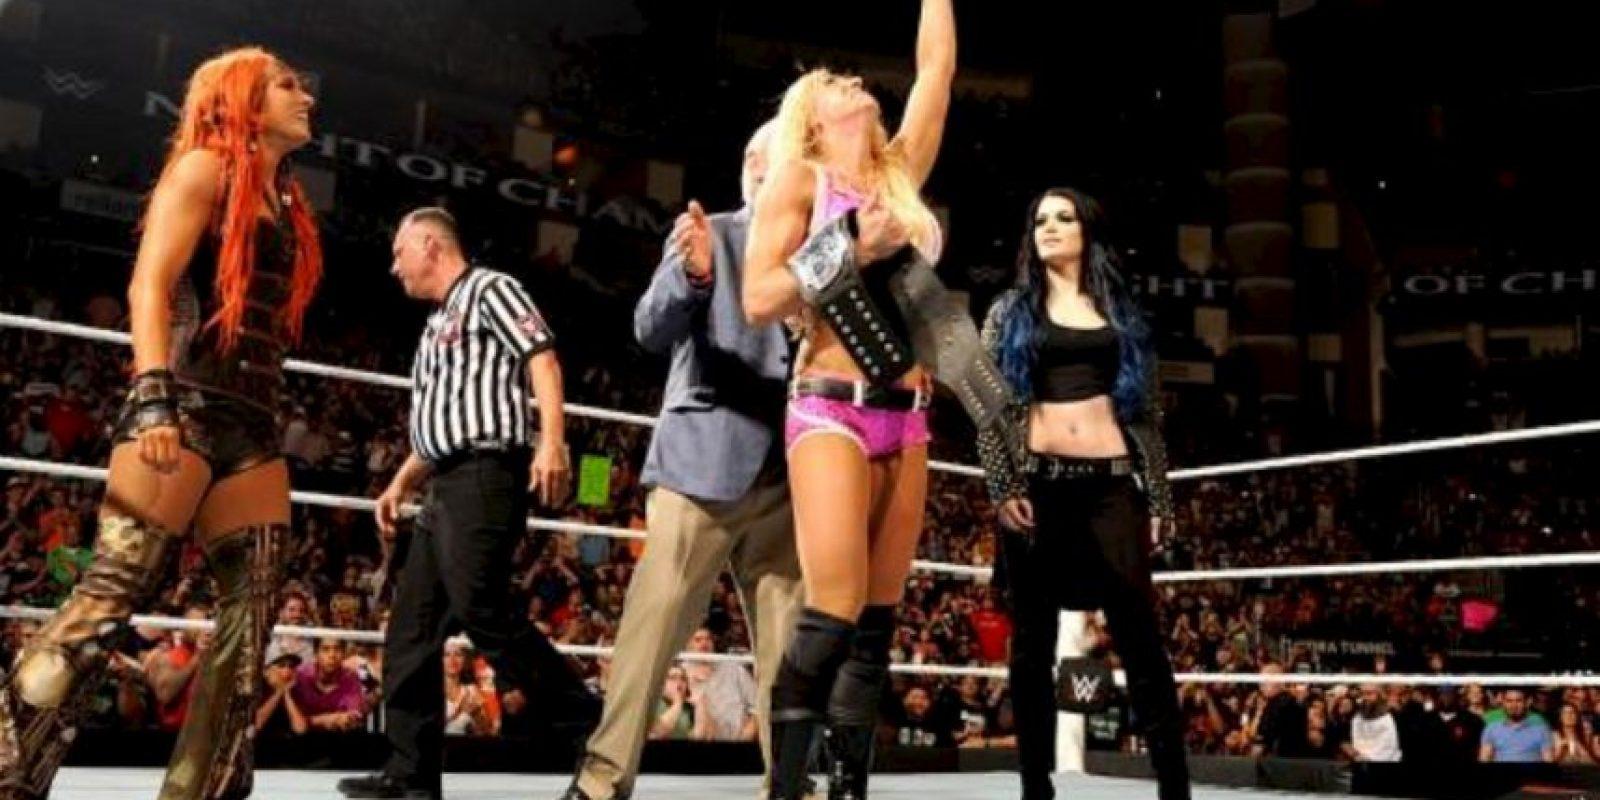 La hija de Ric Flair se impuso en 12 minutos y 47 segundos. Foto:WWE.com